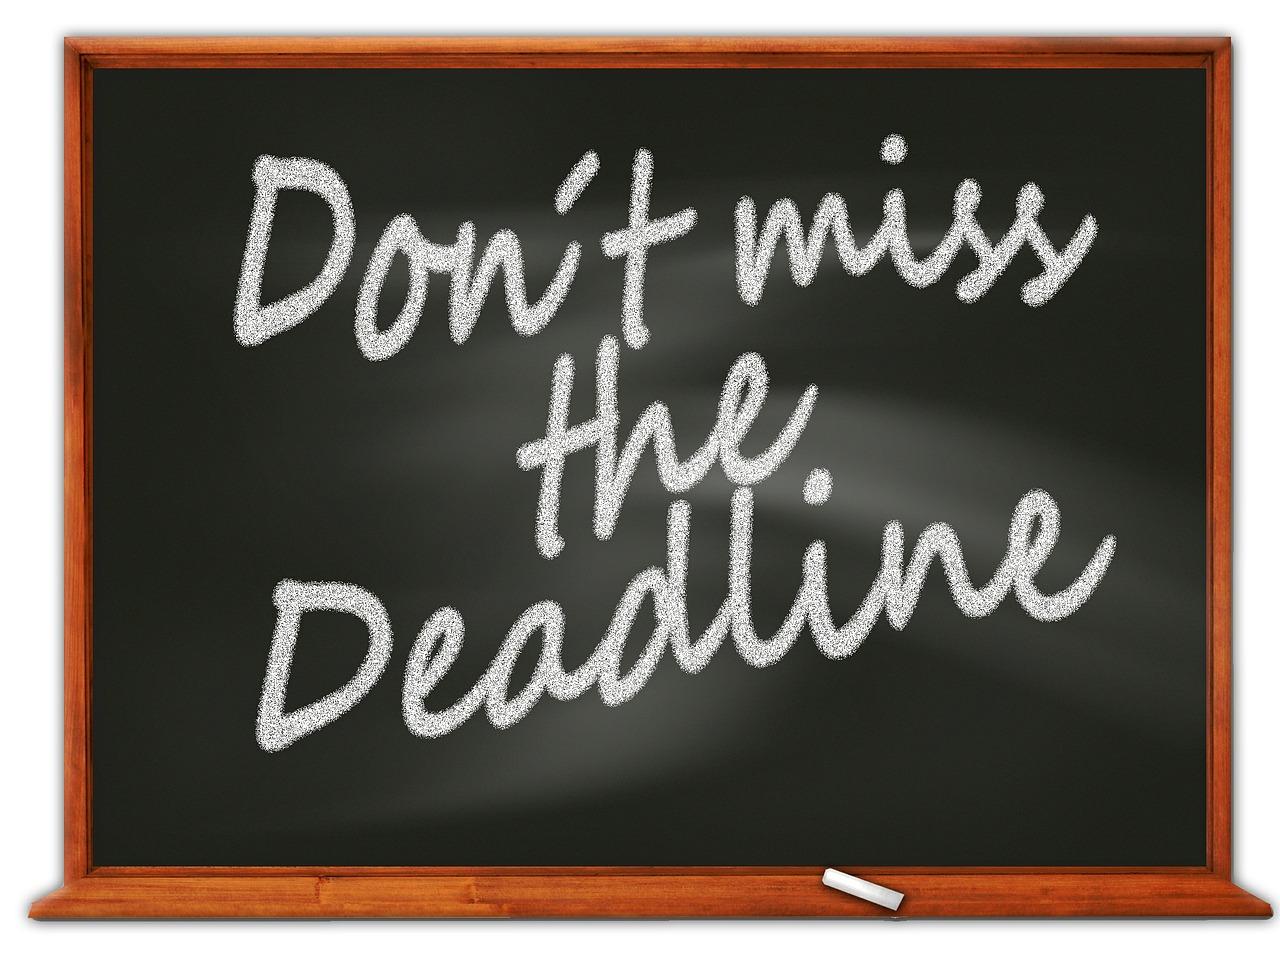 Employment Related Securities Return Deadline